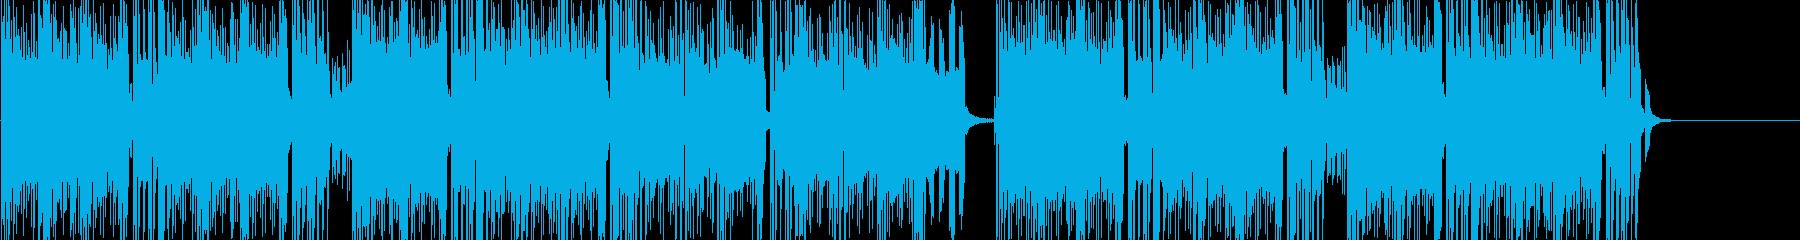 暗めの雰囲気の和風Trapの再生済みの波形